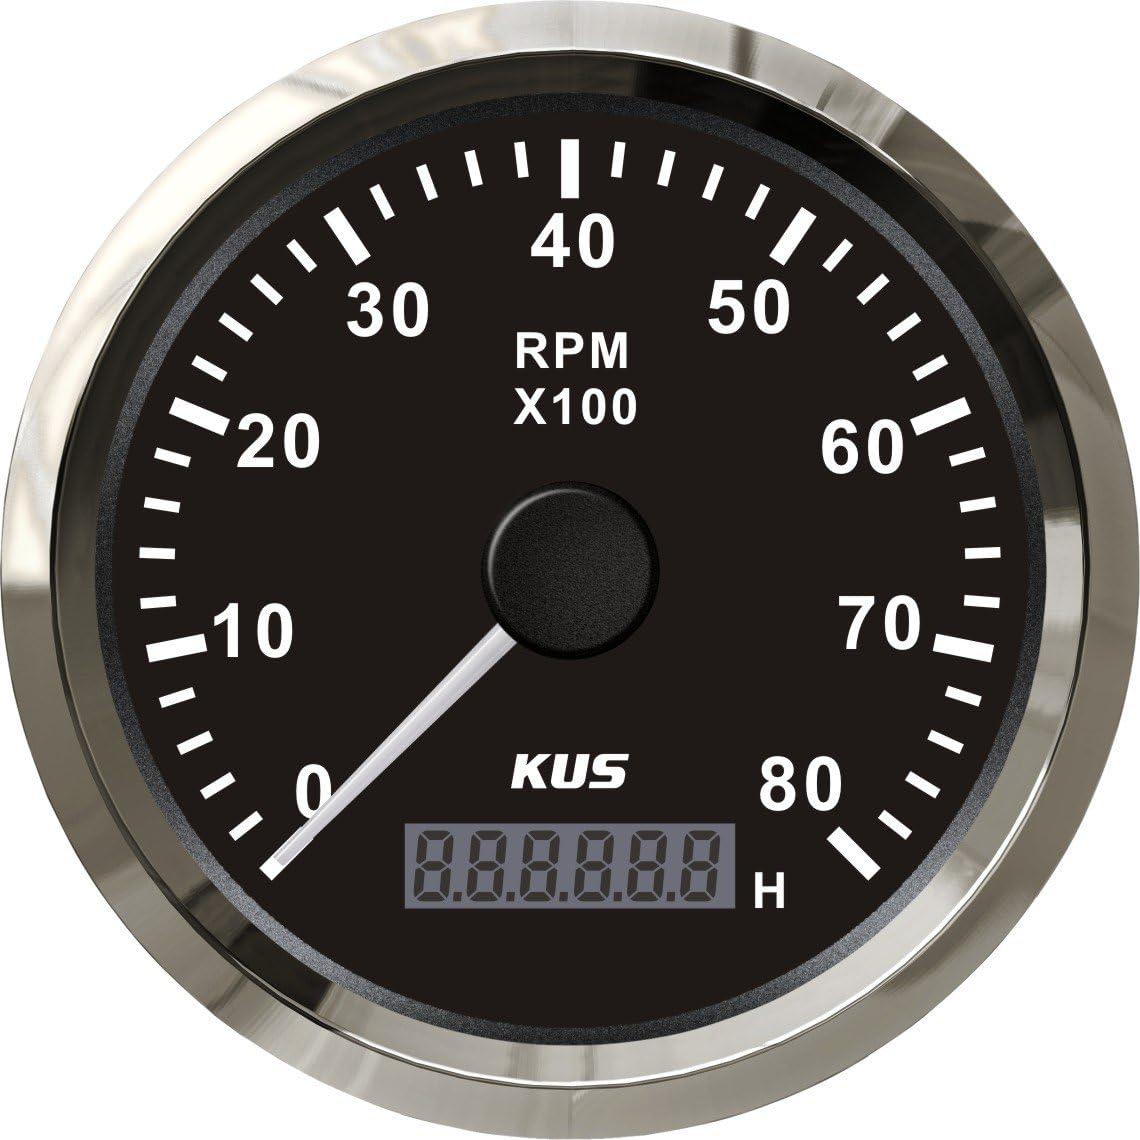 Kus Universal Drehzahlmesser Drehzahlmesser Mit Betriebsstundenzähler 8000 Rpm Für Benzinmotor 85mm 12 V 24 V Mit Hintergrundbeleuchtung Schwarz Auto